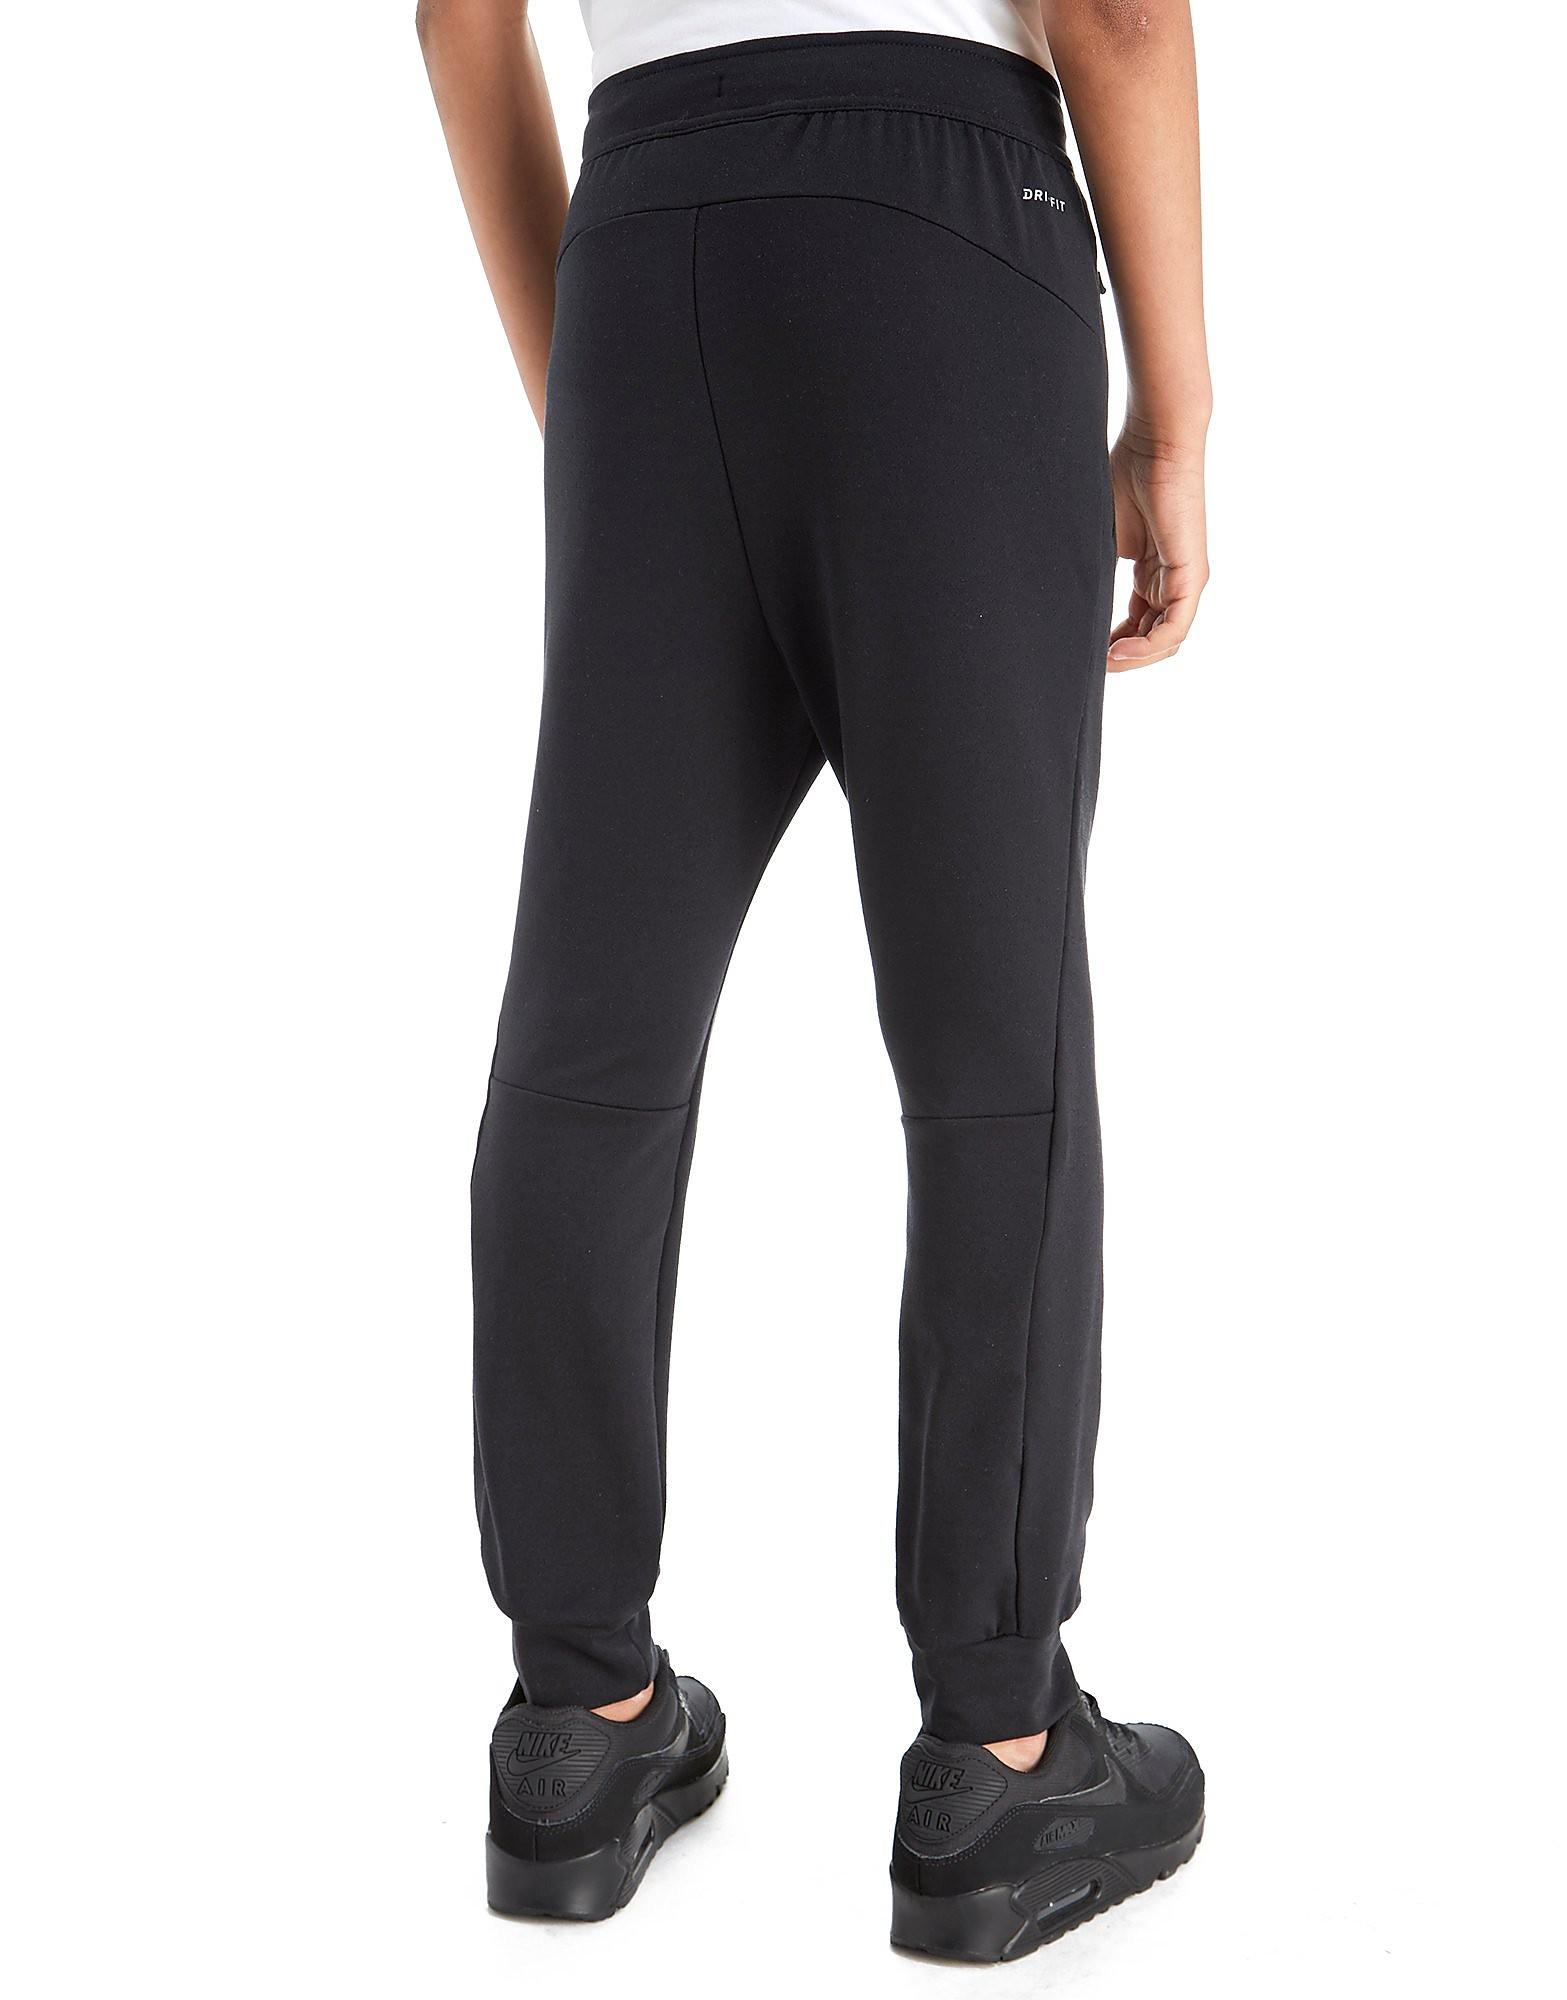 Nike Dry Jogging Pants Junior